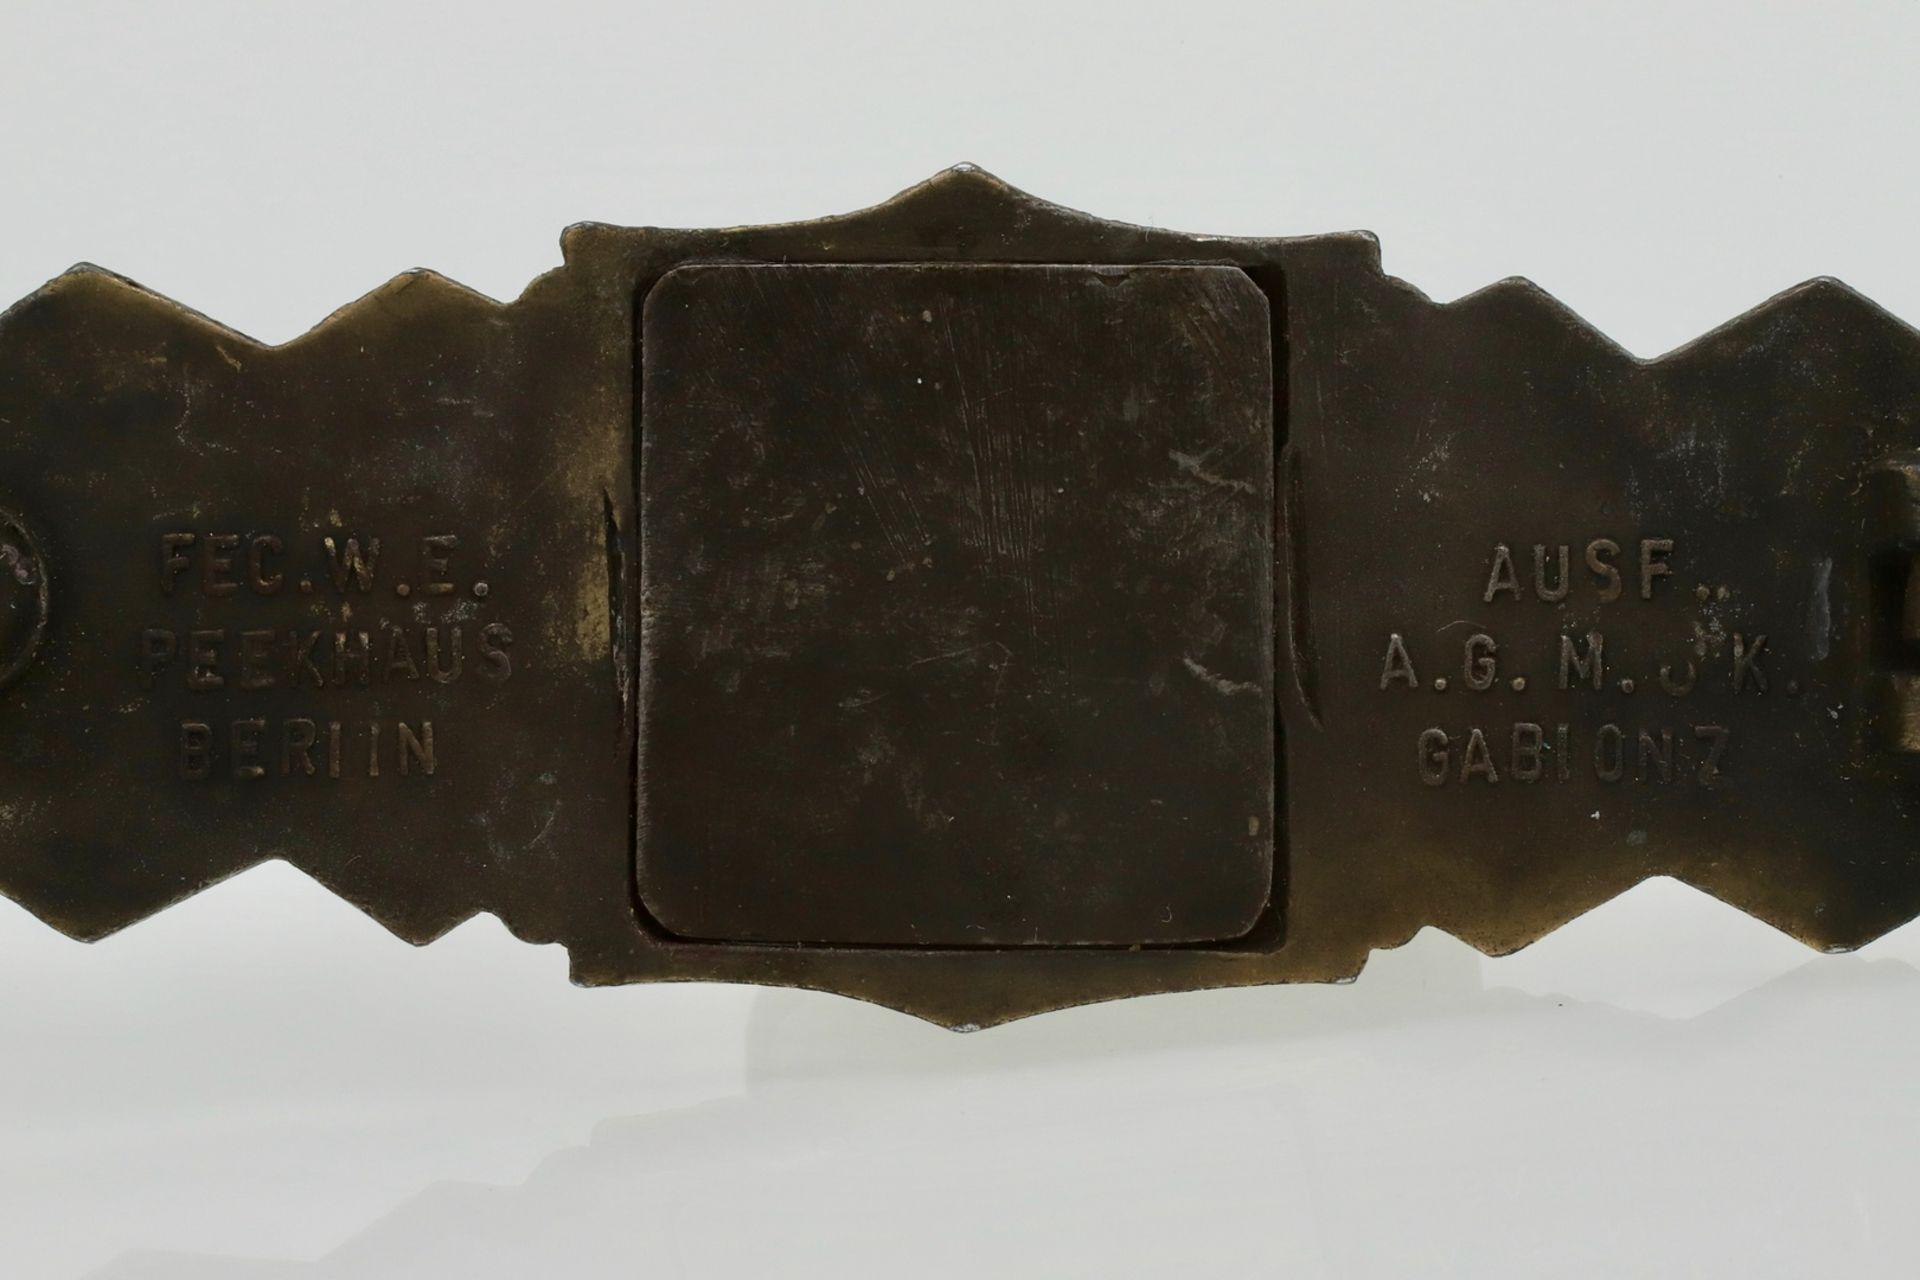 Nahkampfspange in Bronze - Bild 4 aus 4